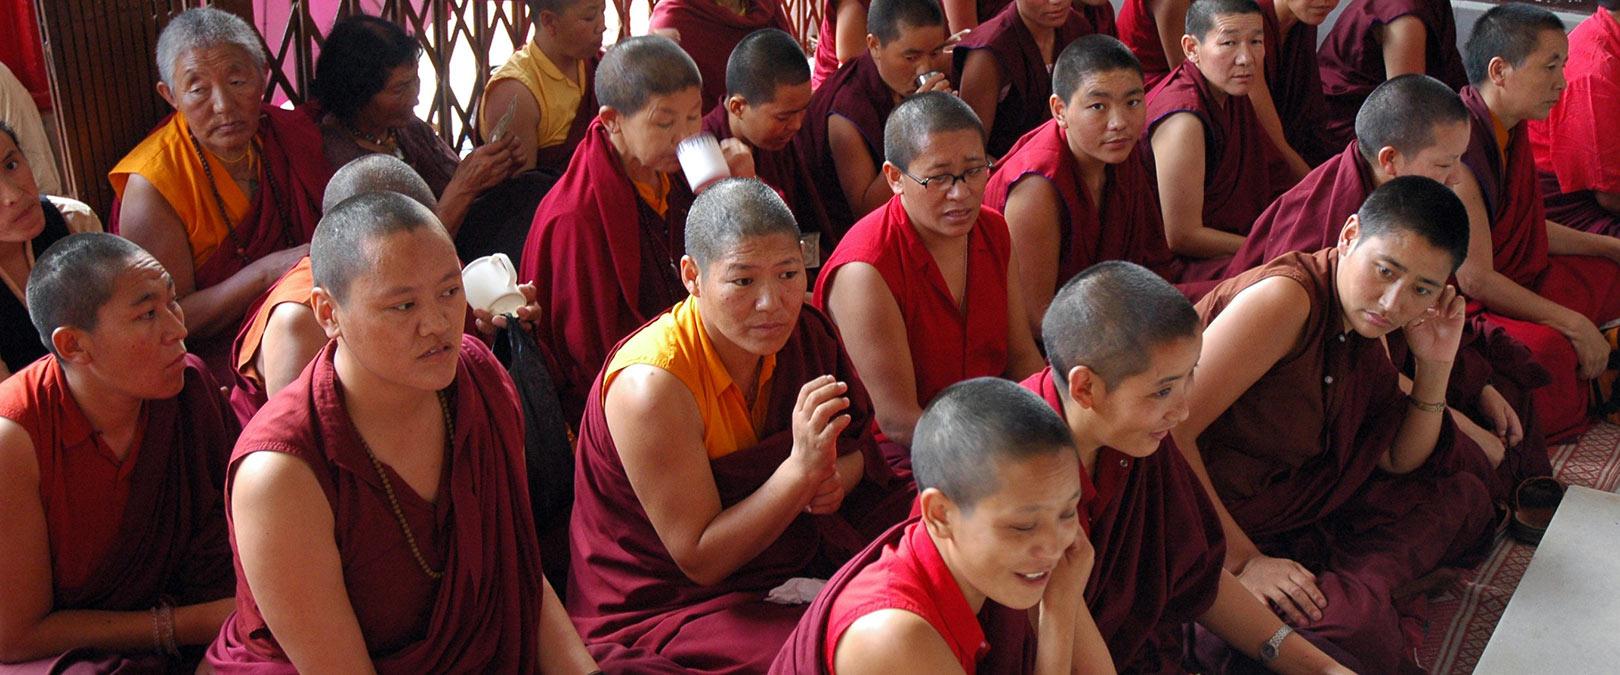 positie van vrouwen in het klooster